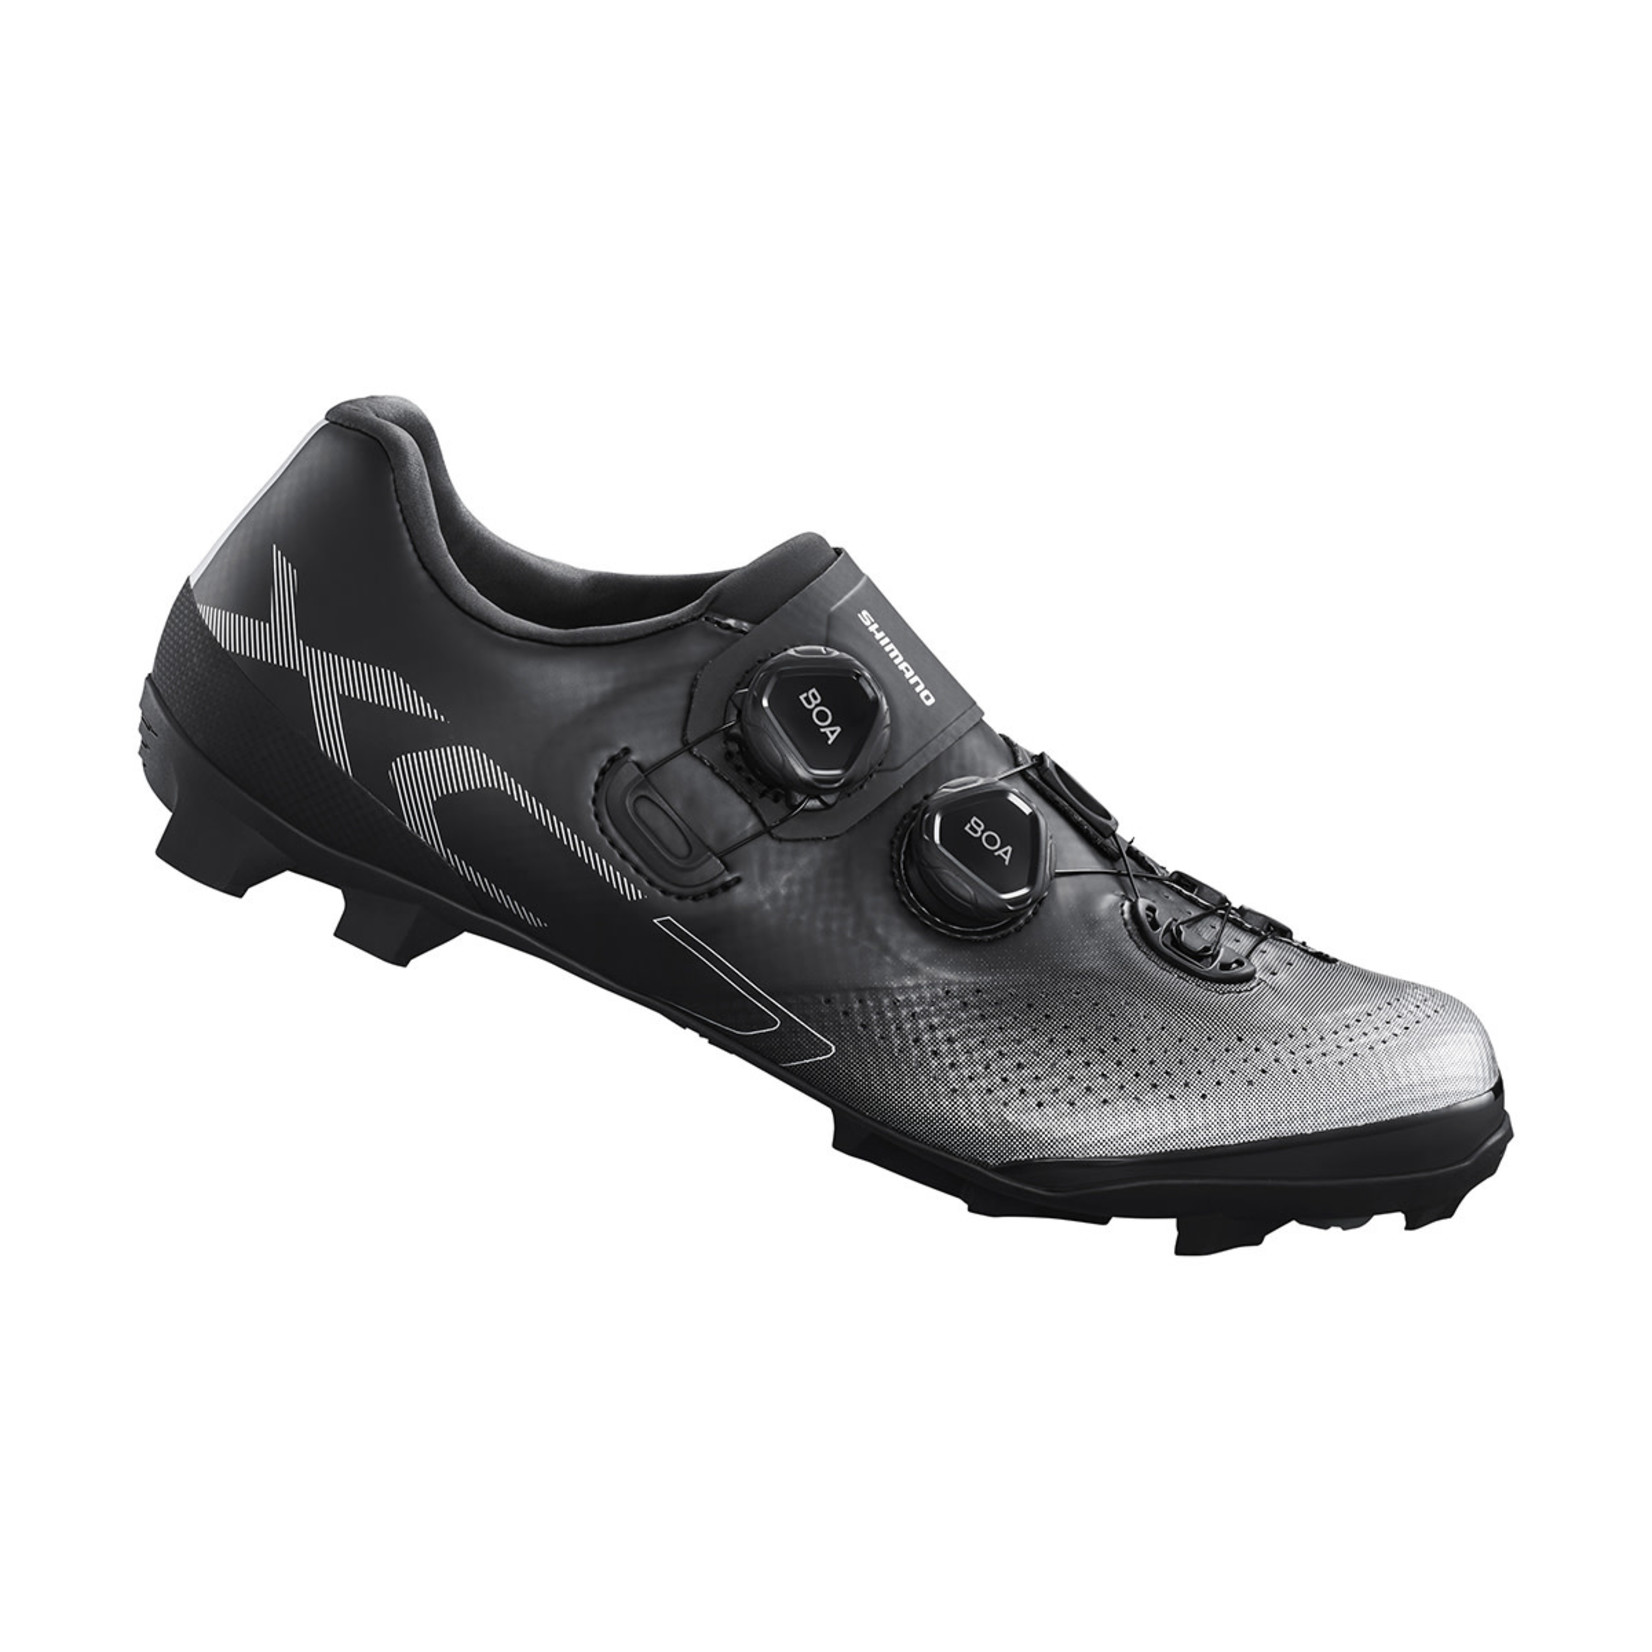 Shimano MTB Shoes SH-XC702